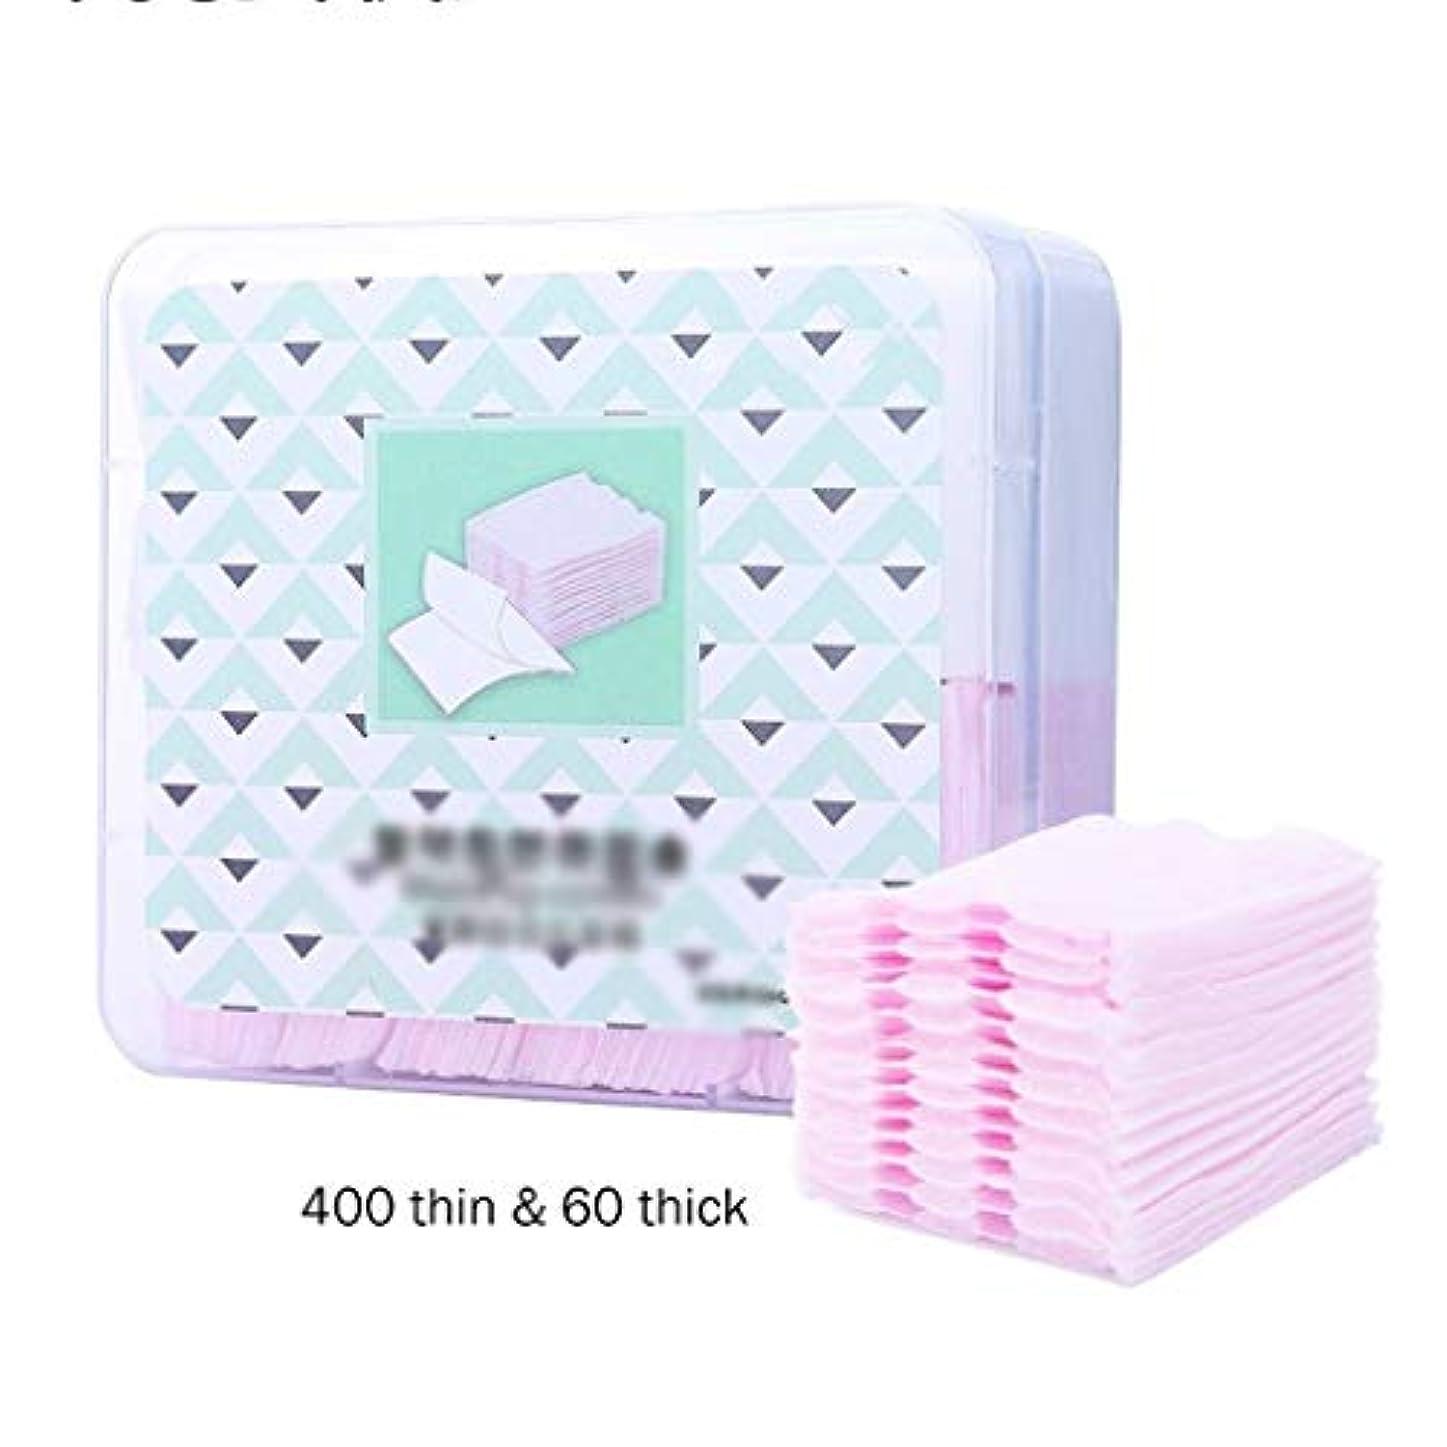 勇気代理人家事クレンジングシート 460ピース有機化粧コットンパッドネイル化粧品コットンワイプフェイスフェイシャルティッシュリムーバーワイプネイルナプキン化粧パッド (Color : Pink+White, サイズ : 5.2*5.9cm)